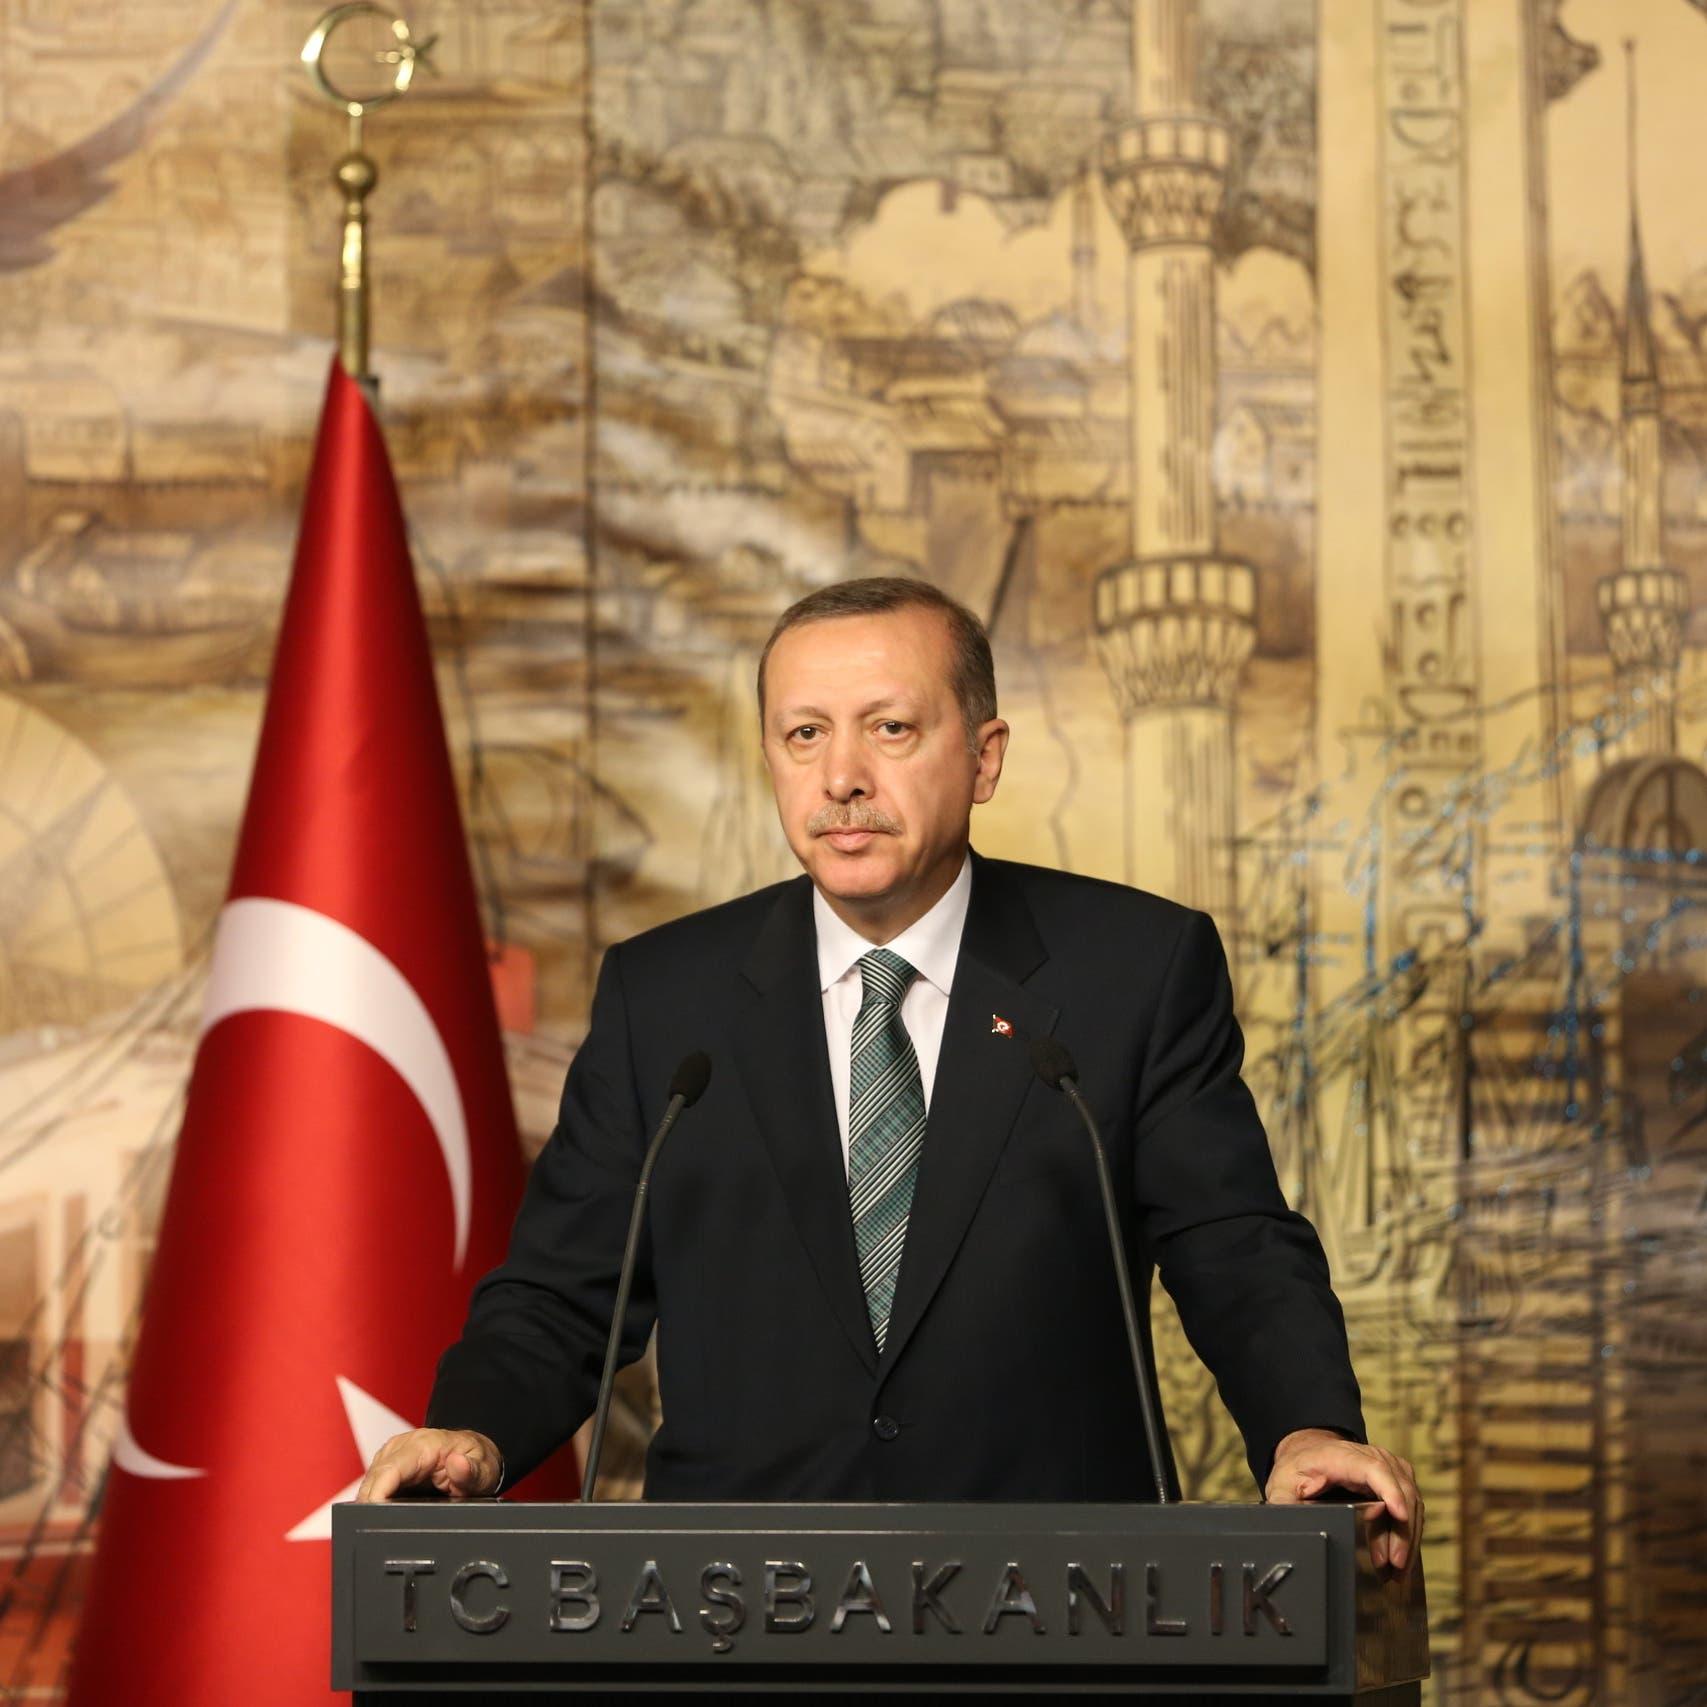 """إعلام تركي يبرر محاولات أردوغان لإحياء """"العثمانية الجديدة"""""""